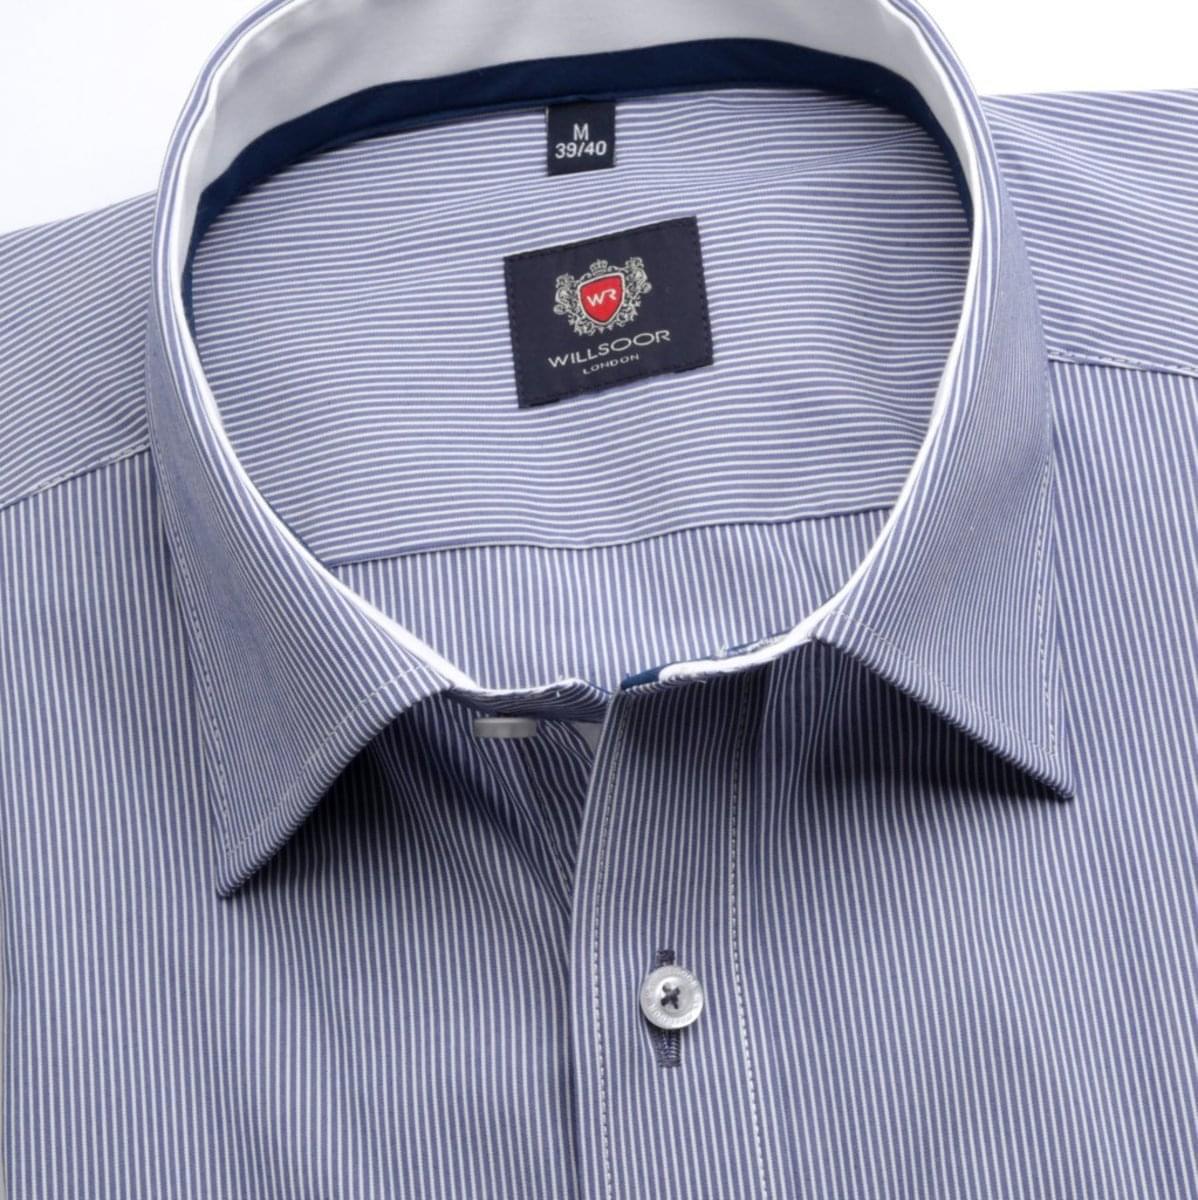 Pánska klasická košeľa London (výška 176-182) 6880 v modré farbe s bielym pásikom 176-182 / L (41/42)